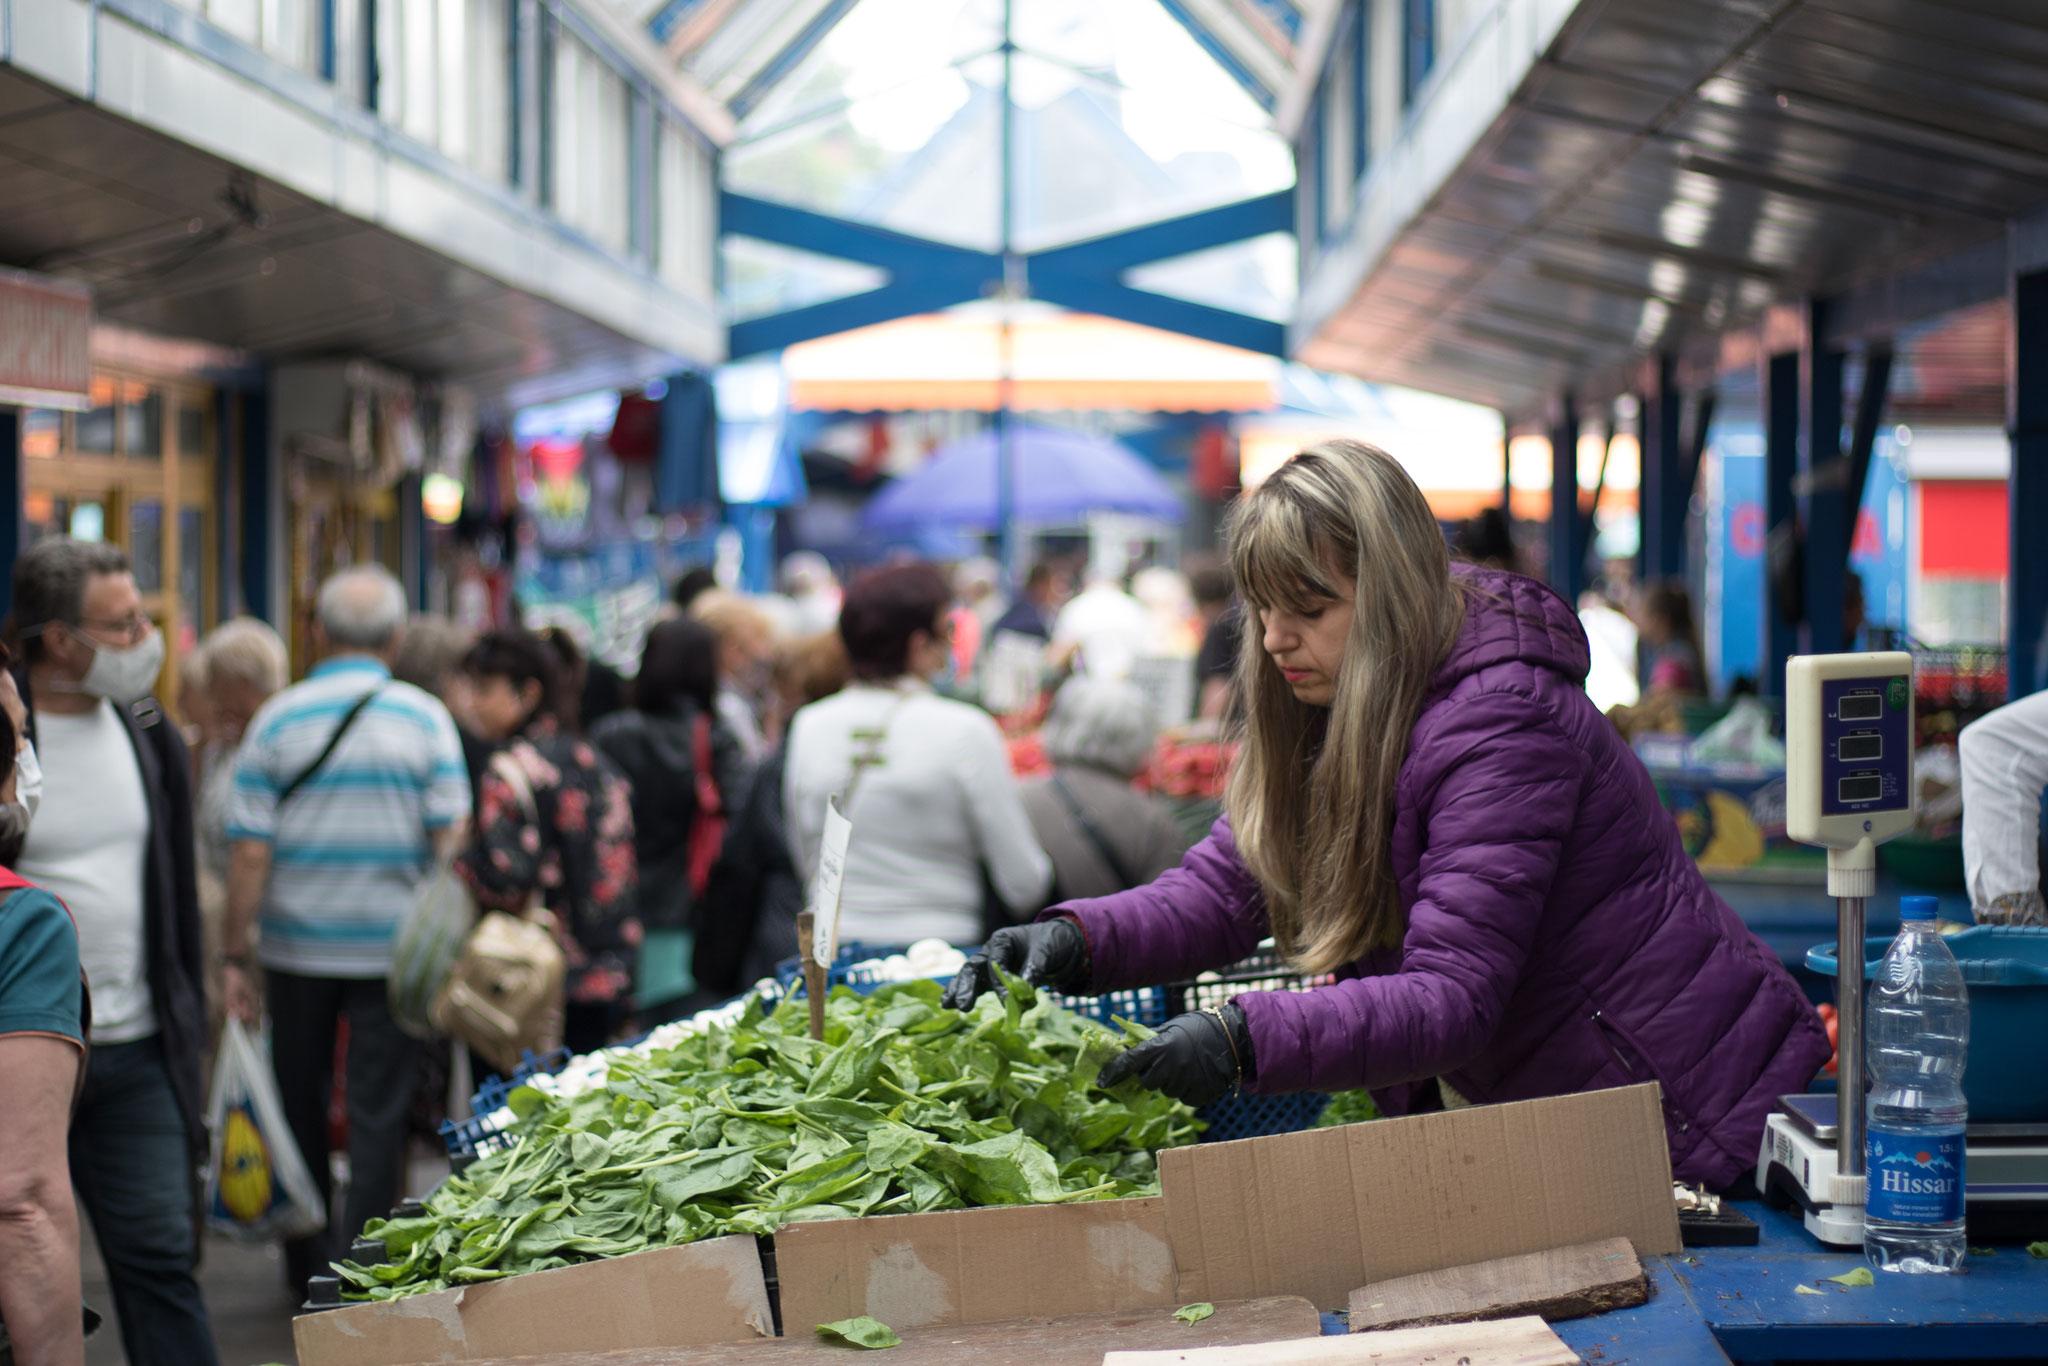 Local Market in Sofia, Bulgaria